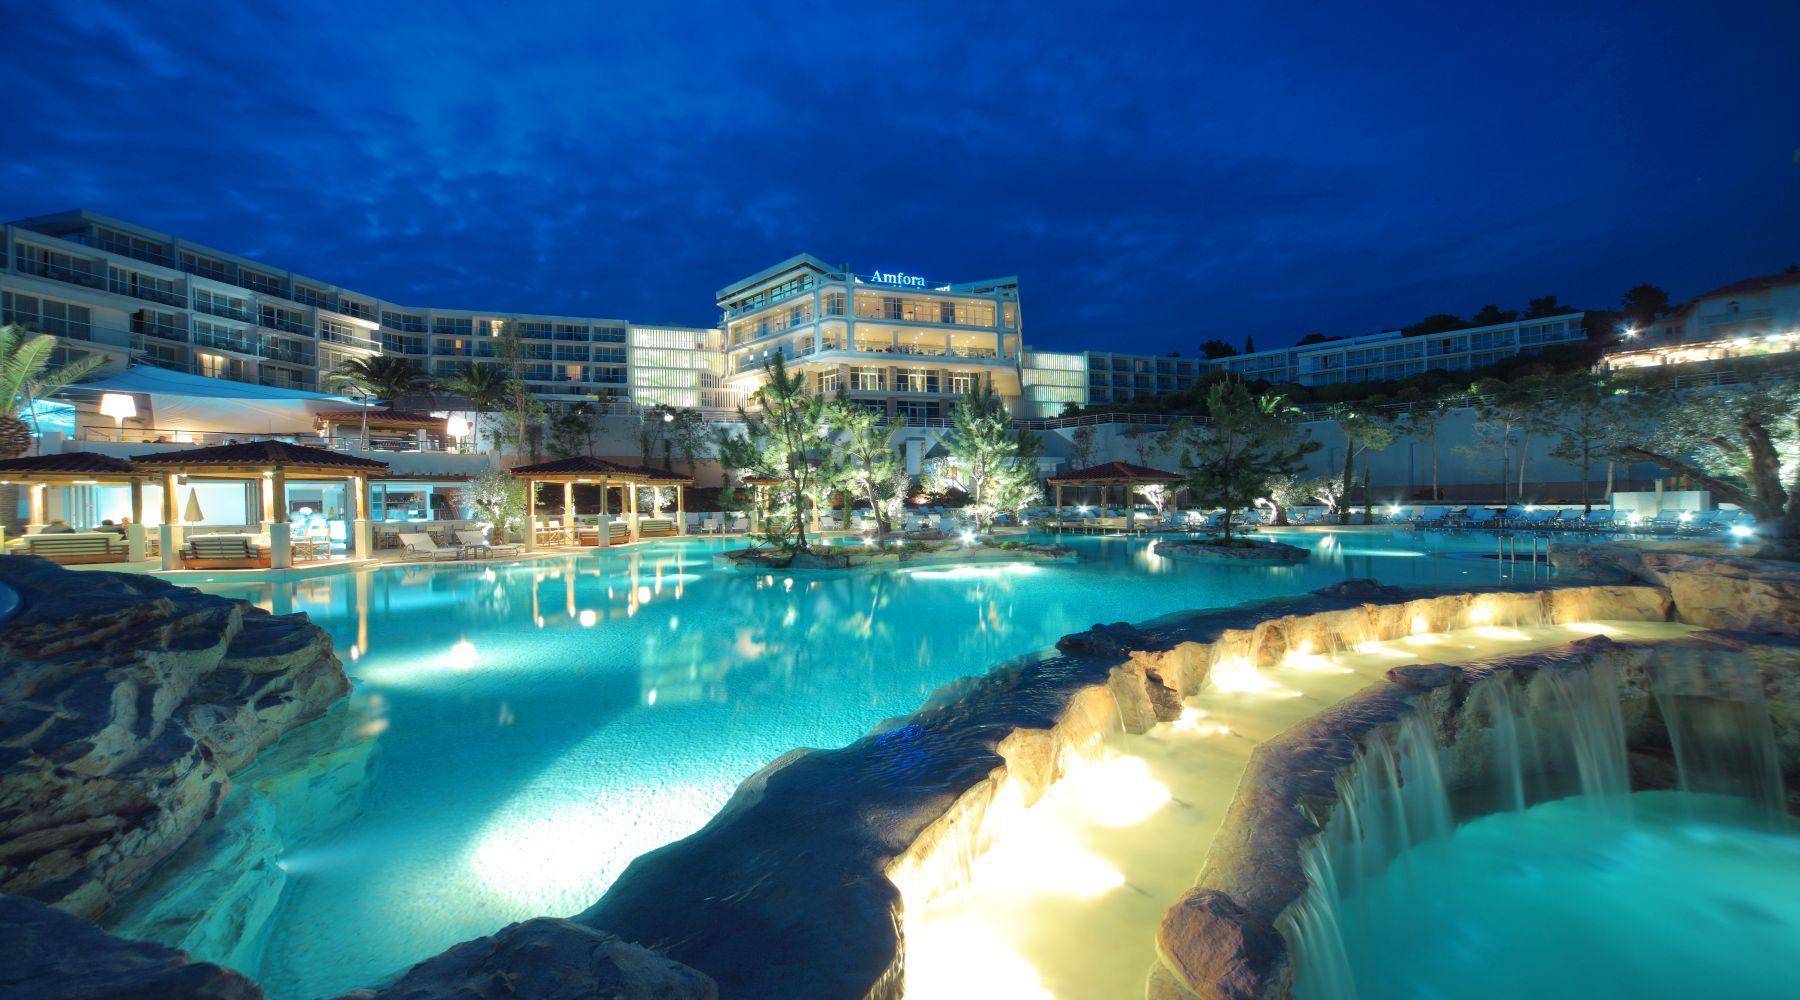 Amfora Hvar Grand Beach Resort, Hvar